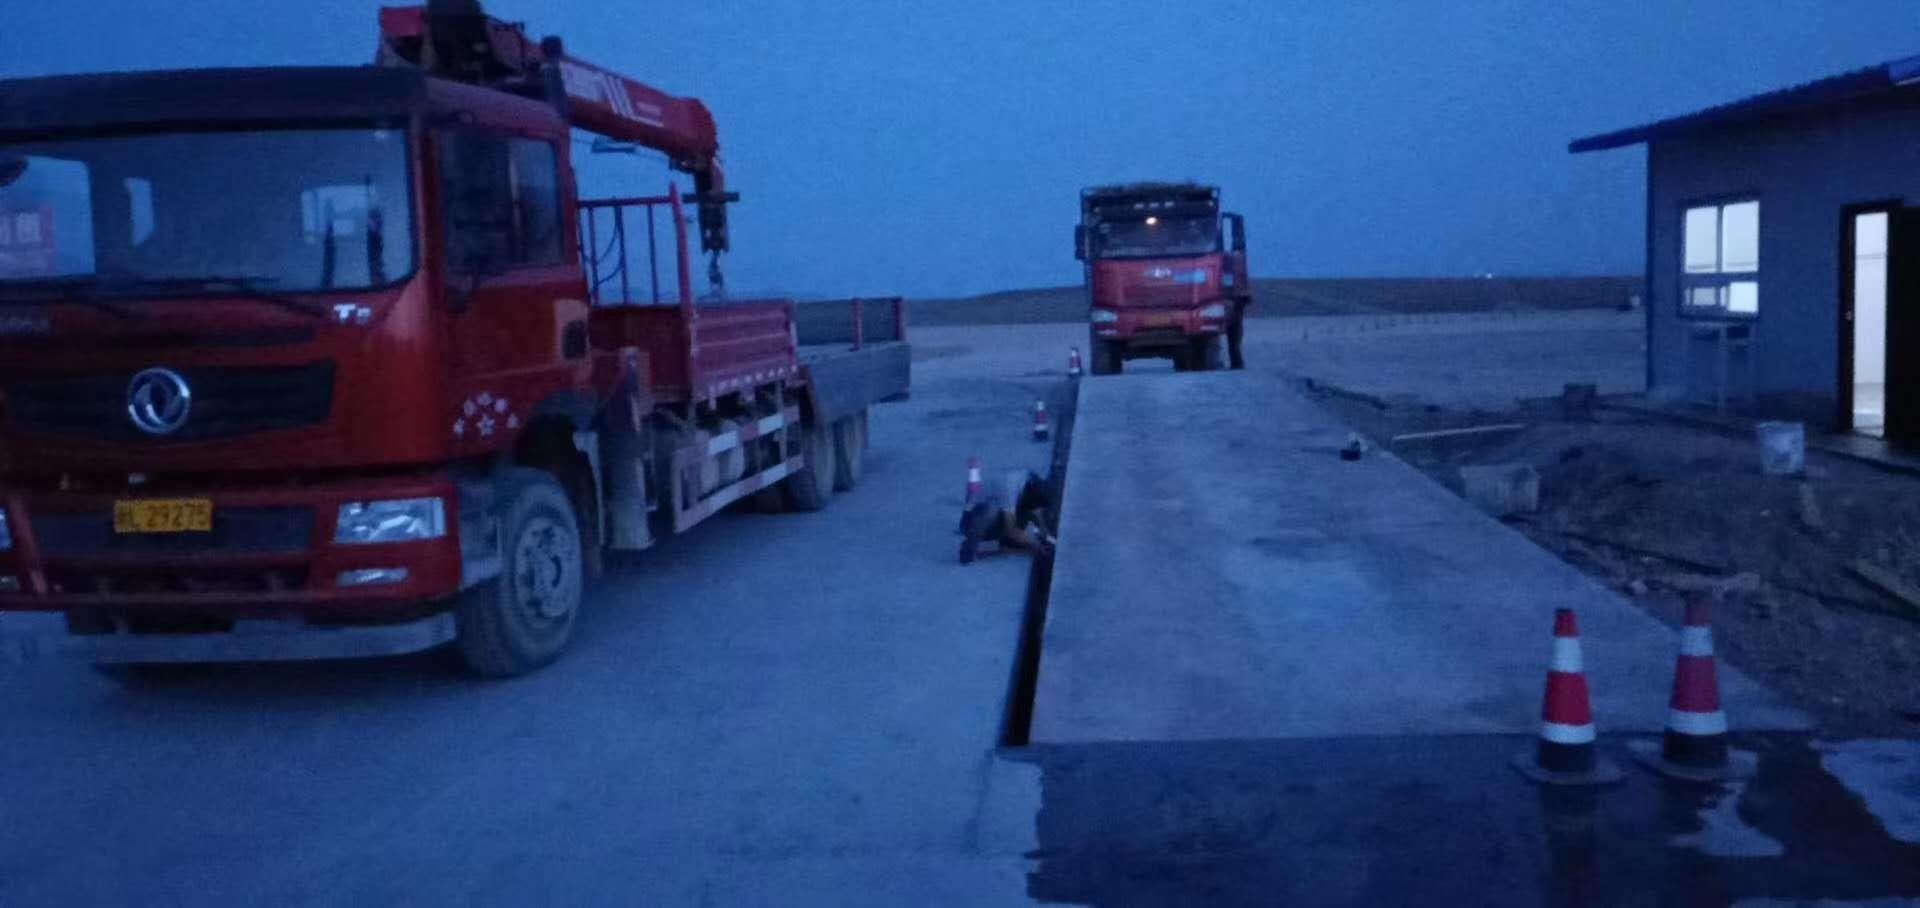 喀什莎车县客户订购了150吨地磅,现已安装完毕